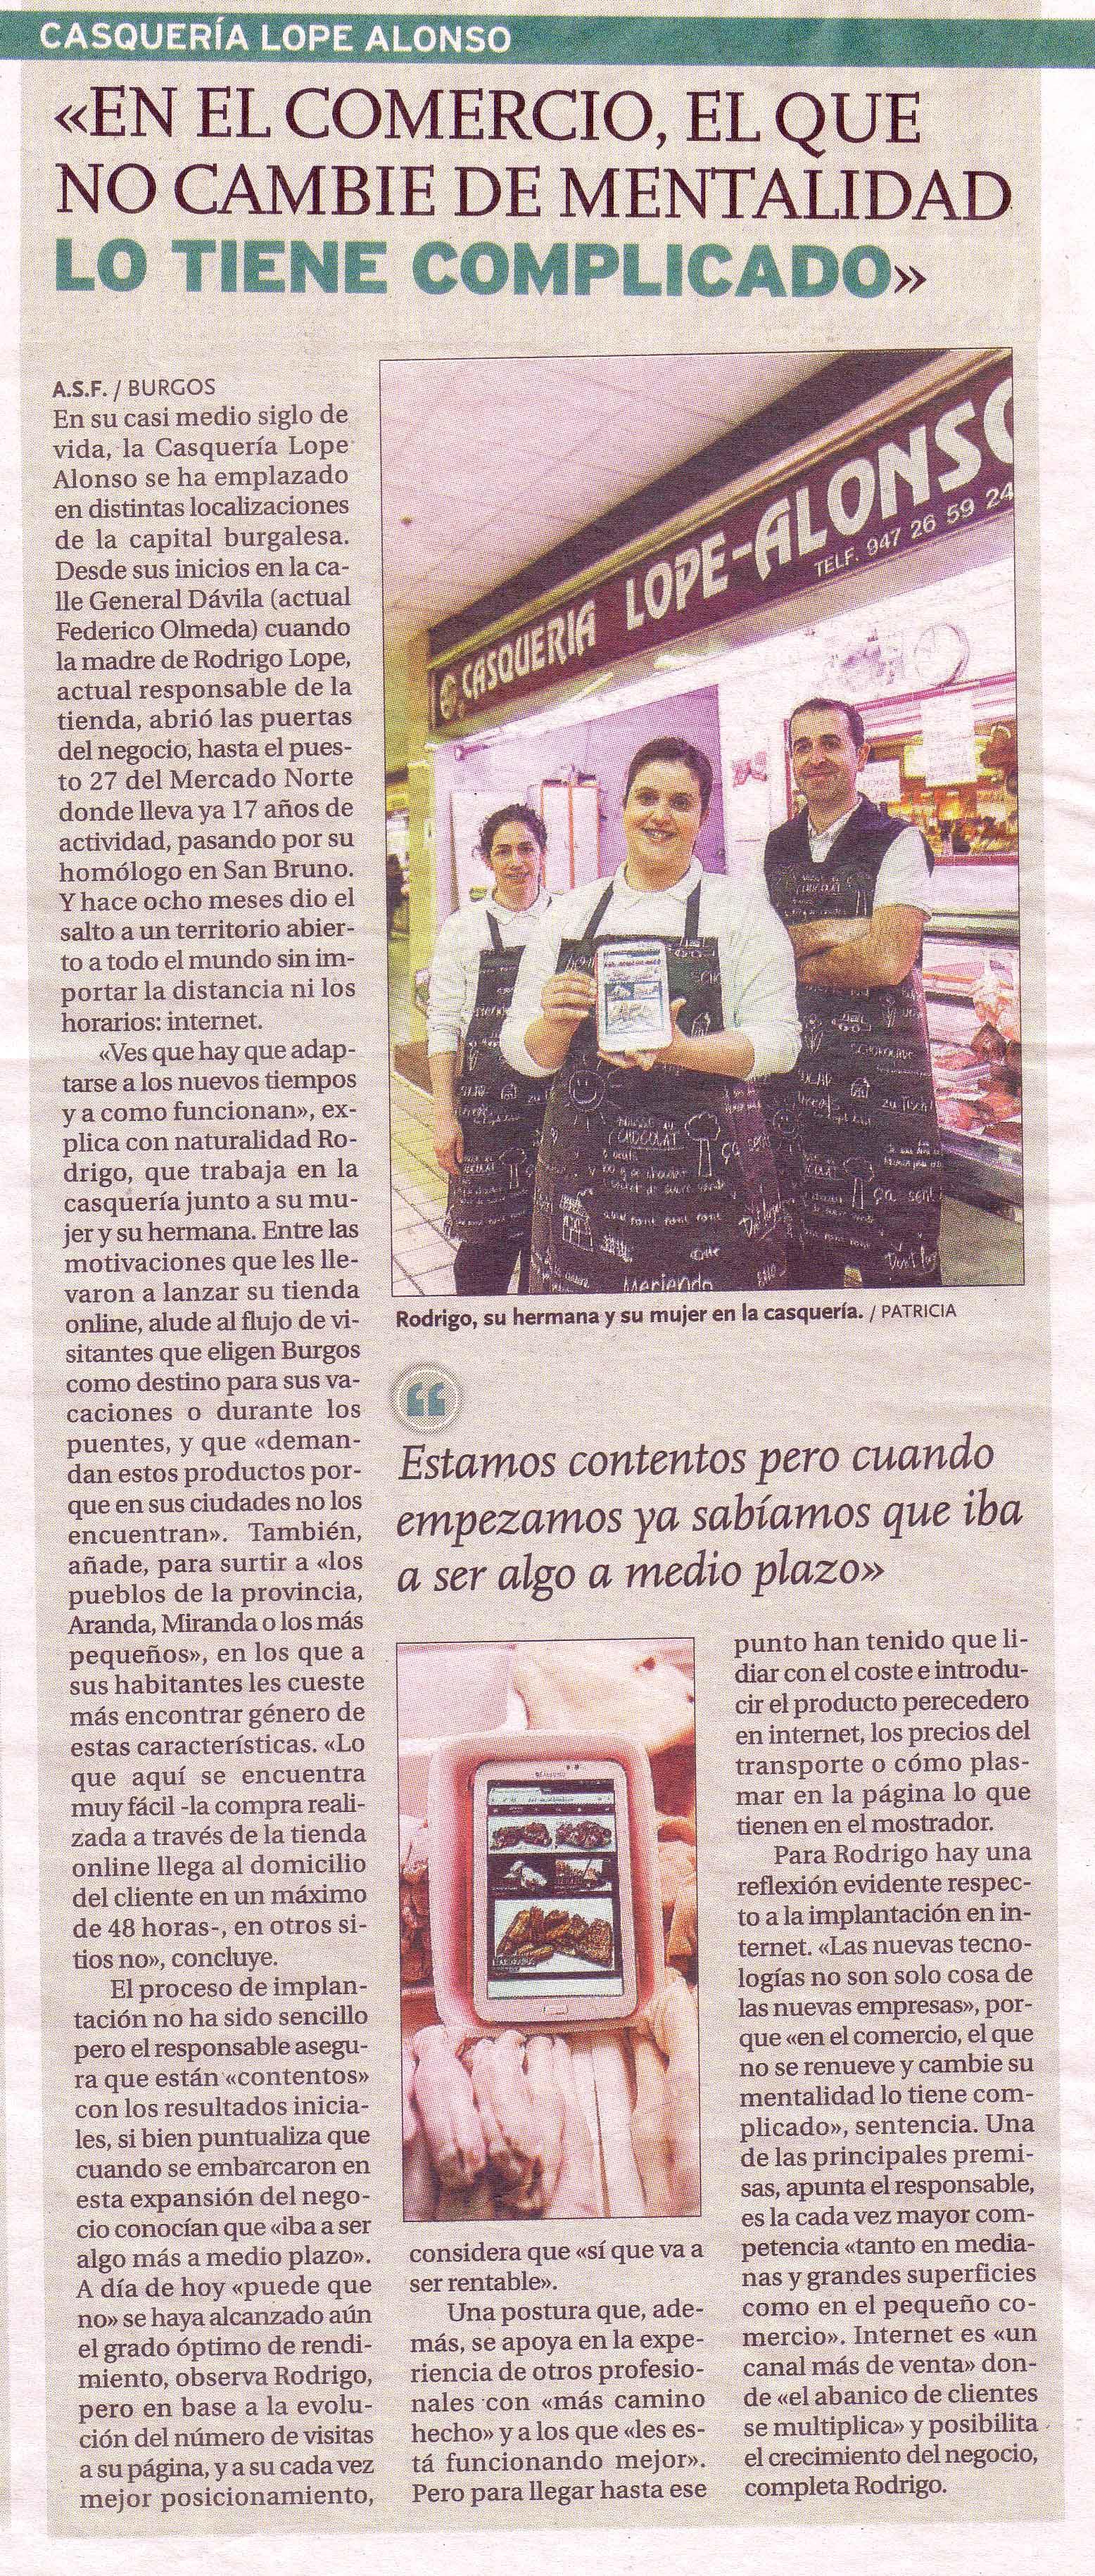 Casquería Lope Alonso, Diario de Burgos 3-05-2016